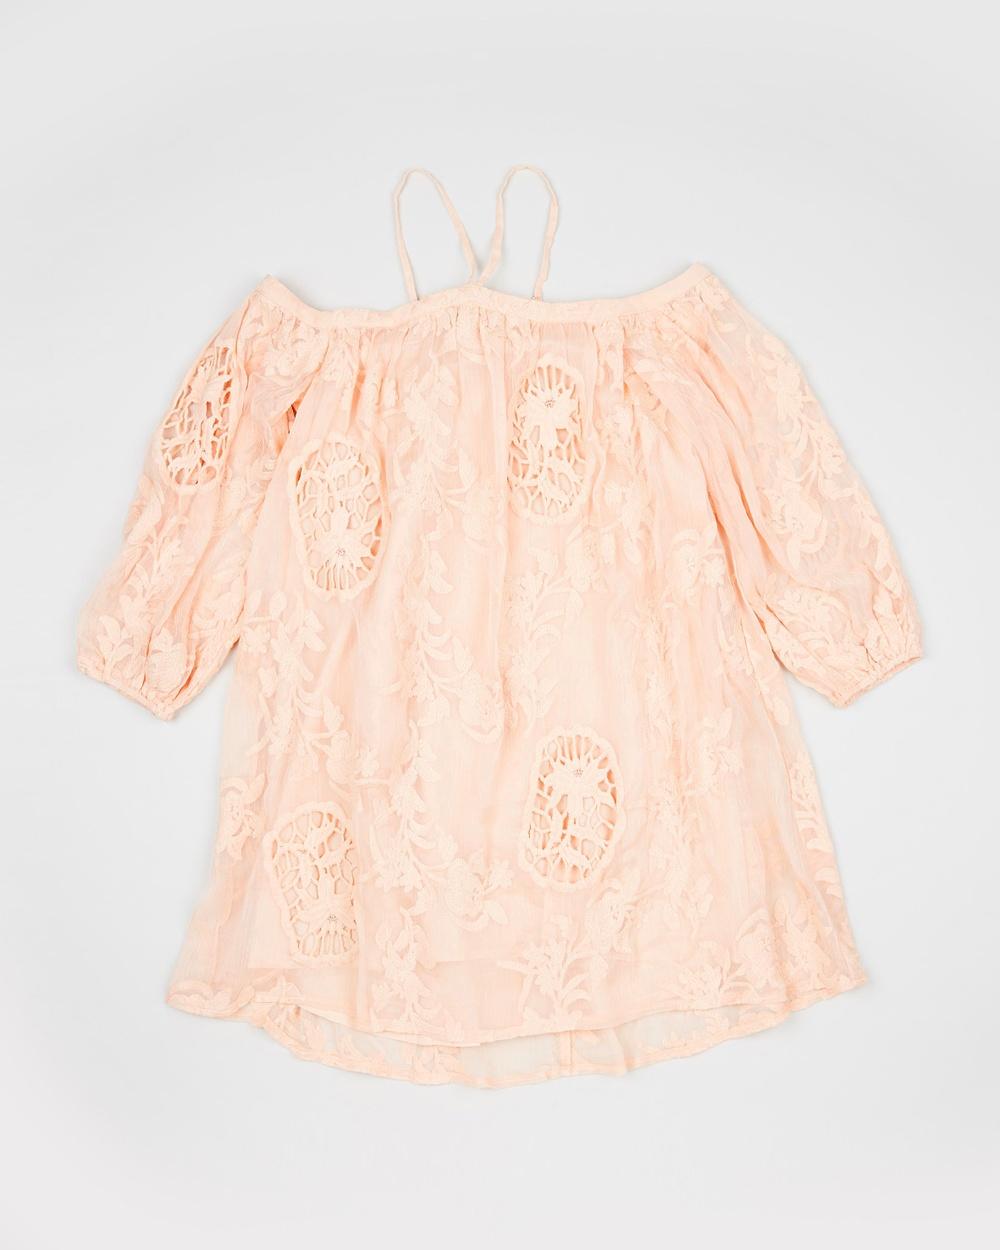 Marlo Peach Peach Blossom Lace Dress – Teens